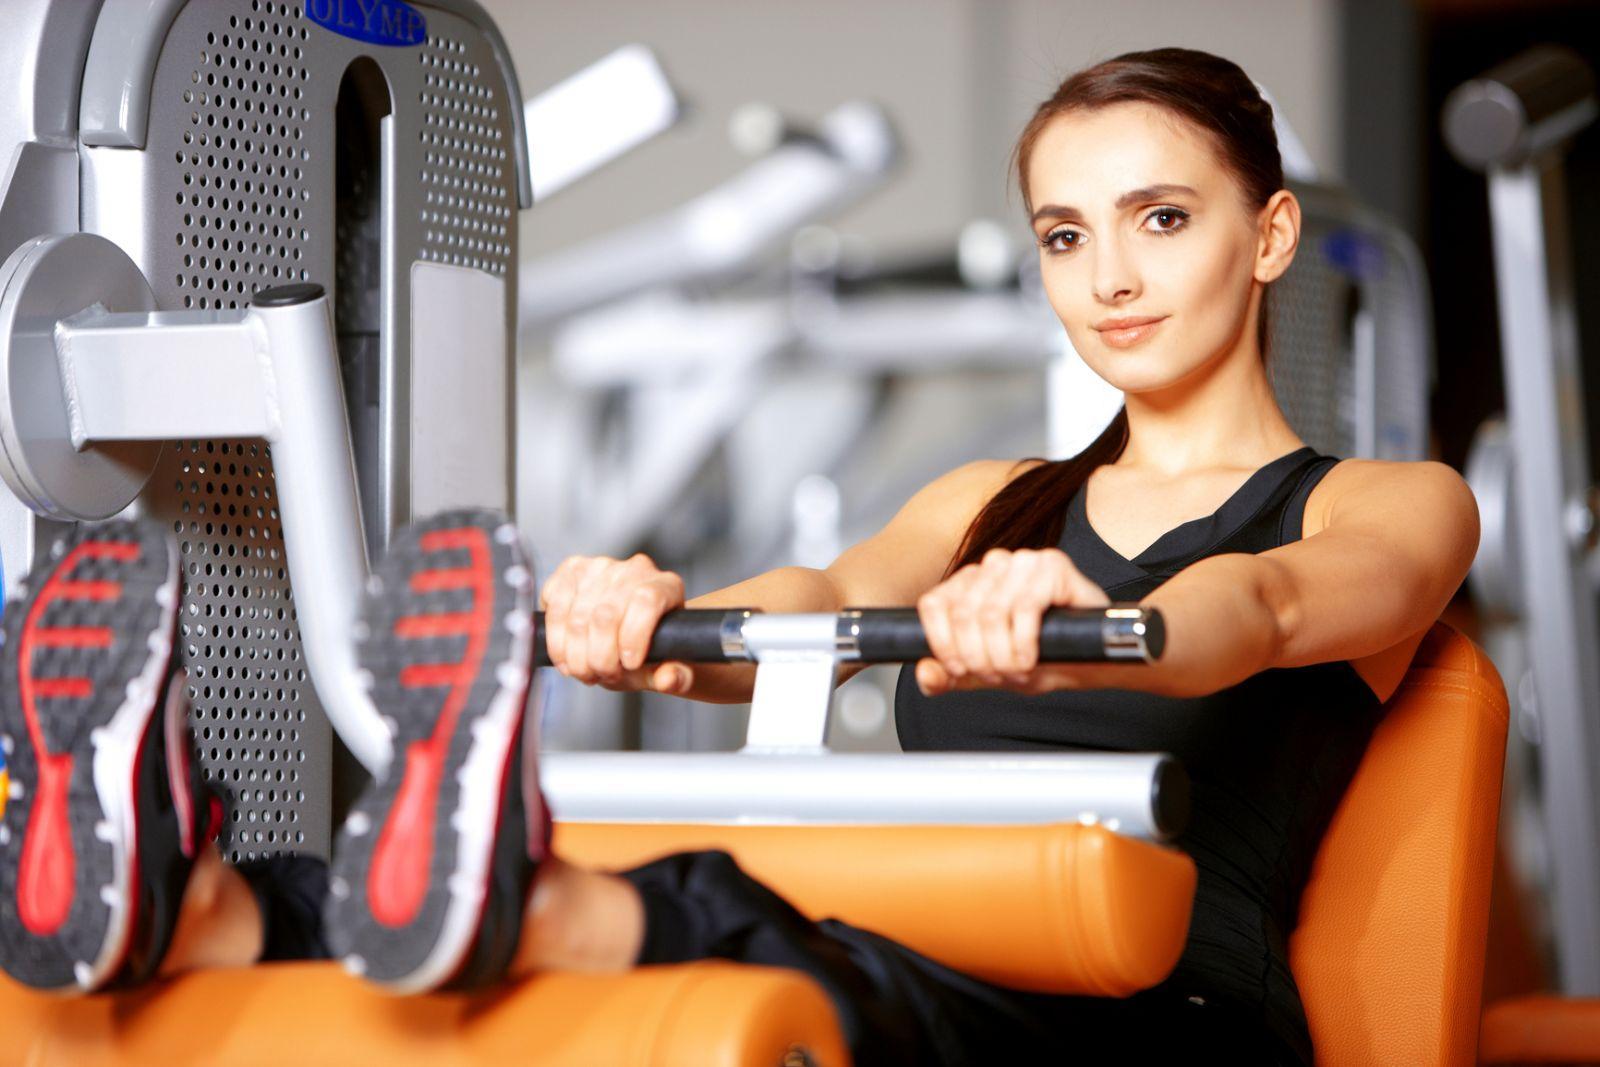 Как заниматься на тренажерах в спортзале